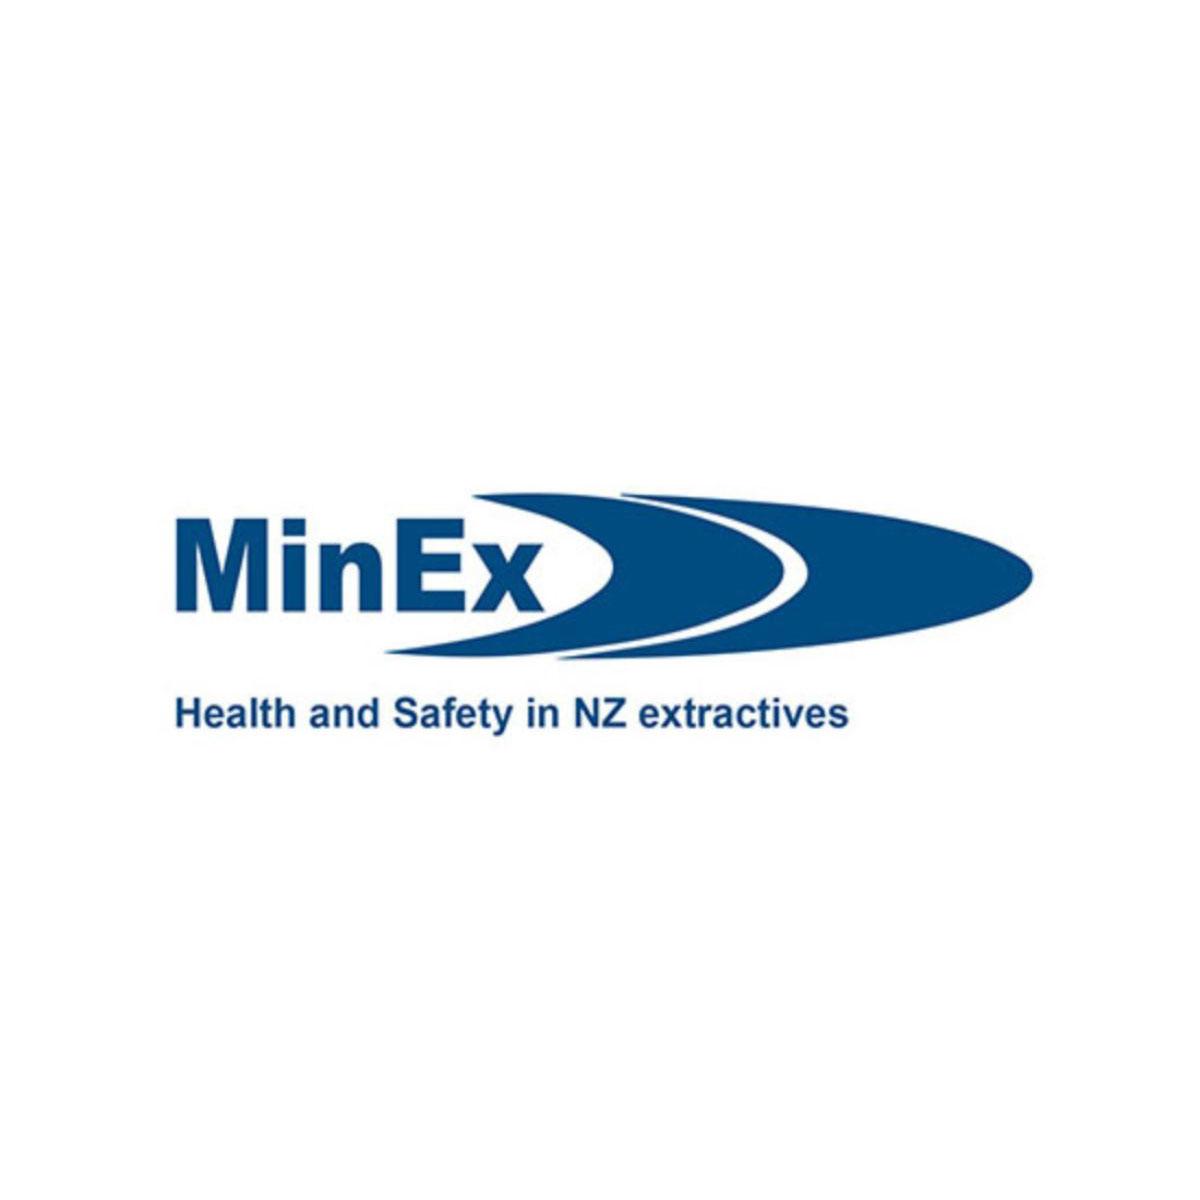 MinEx